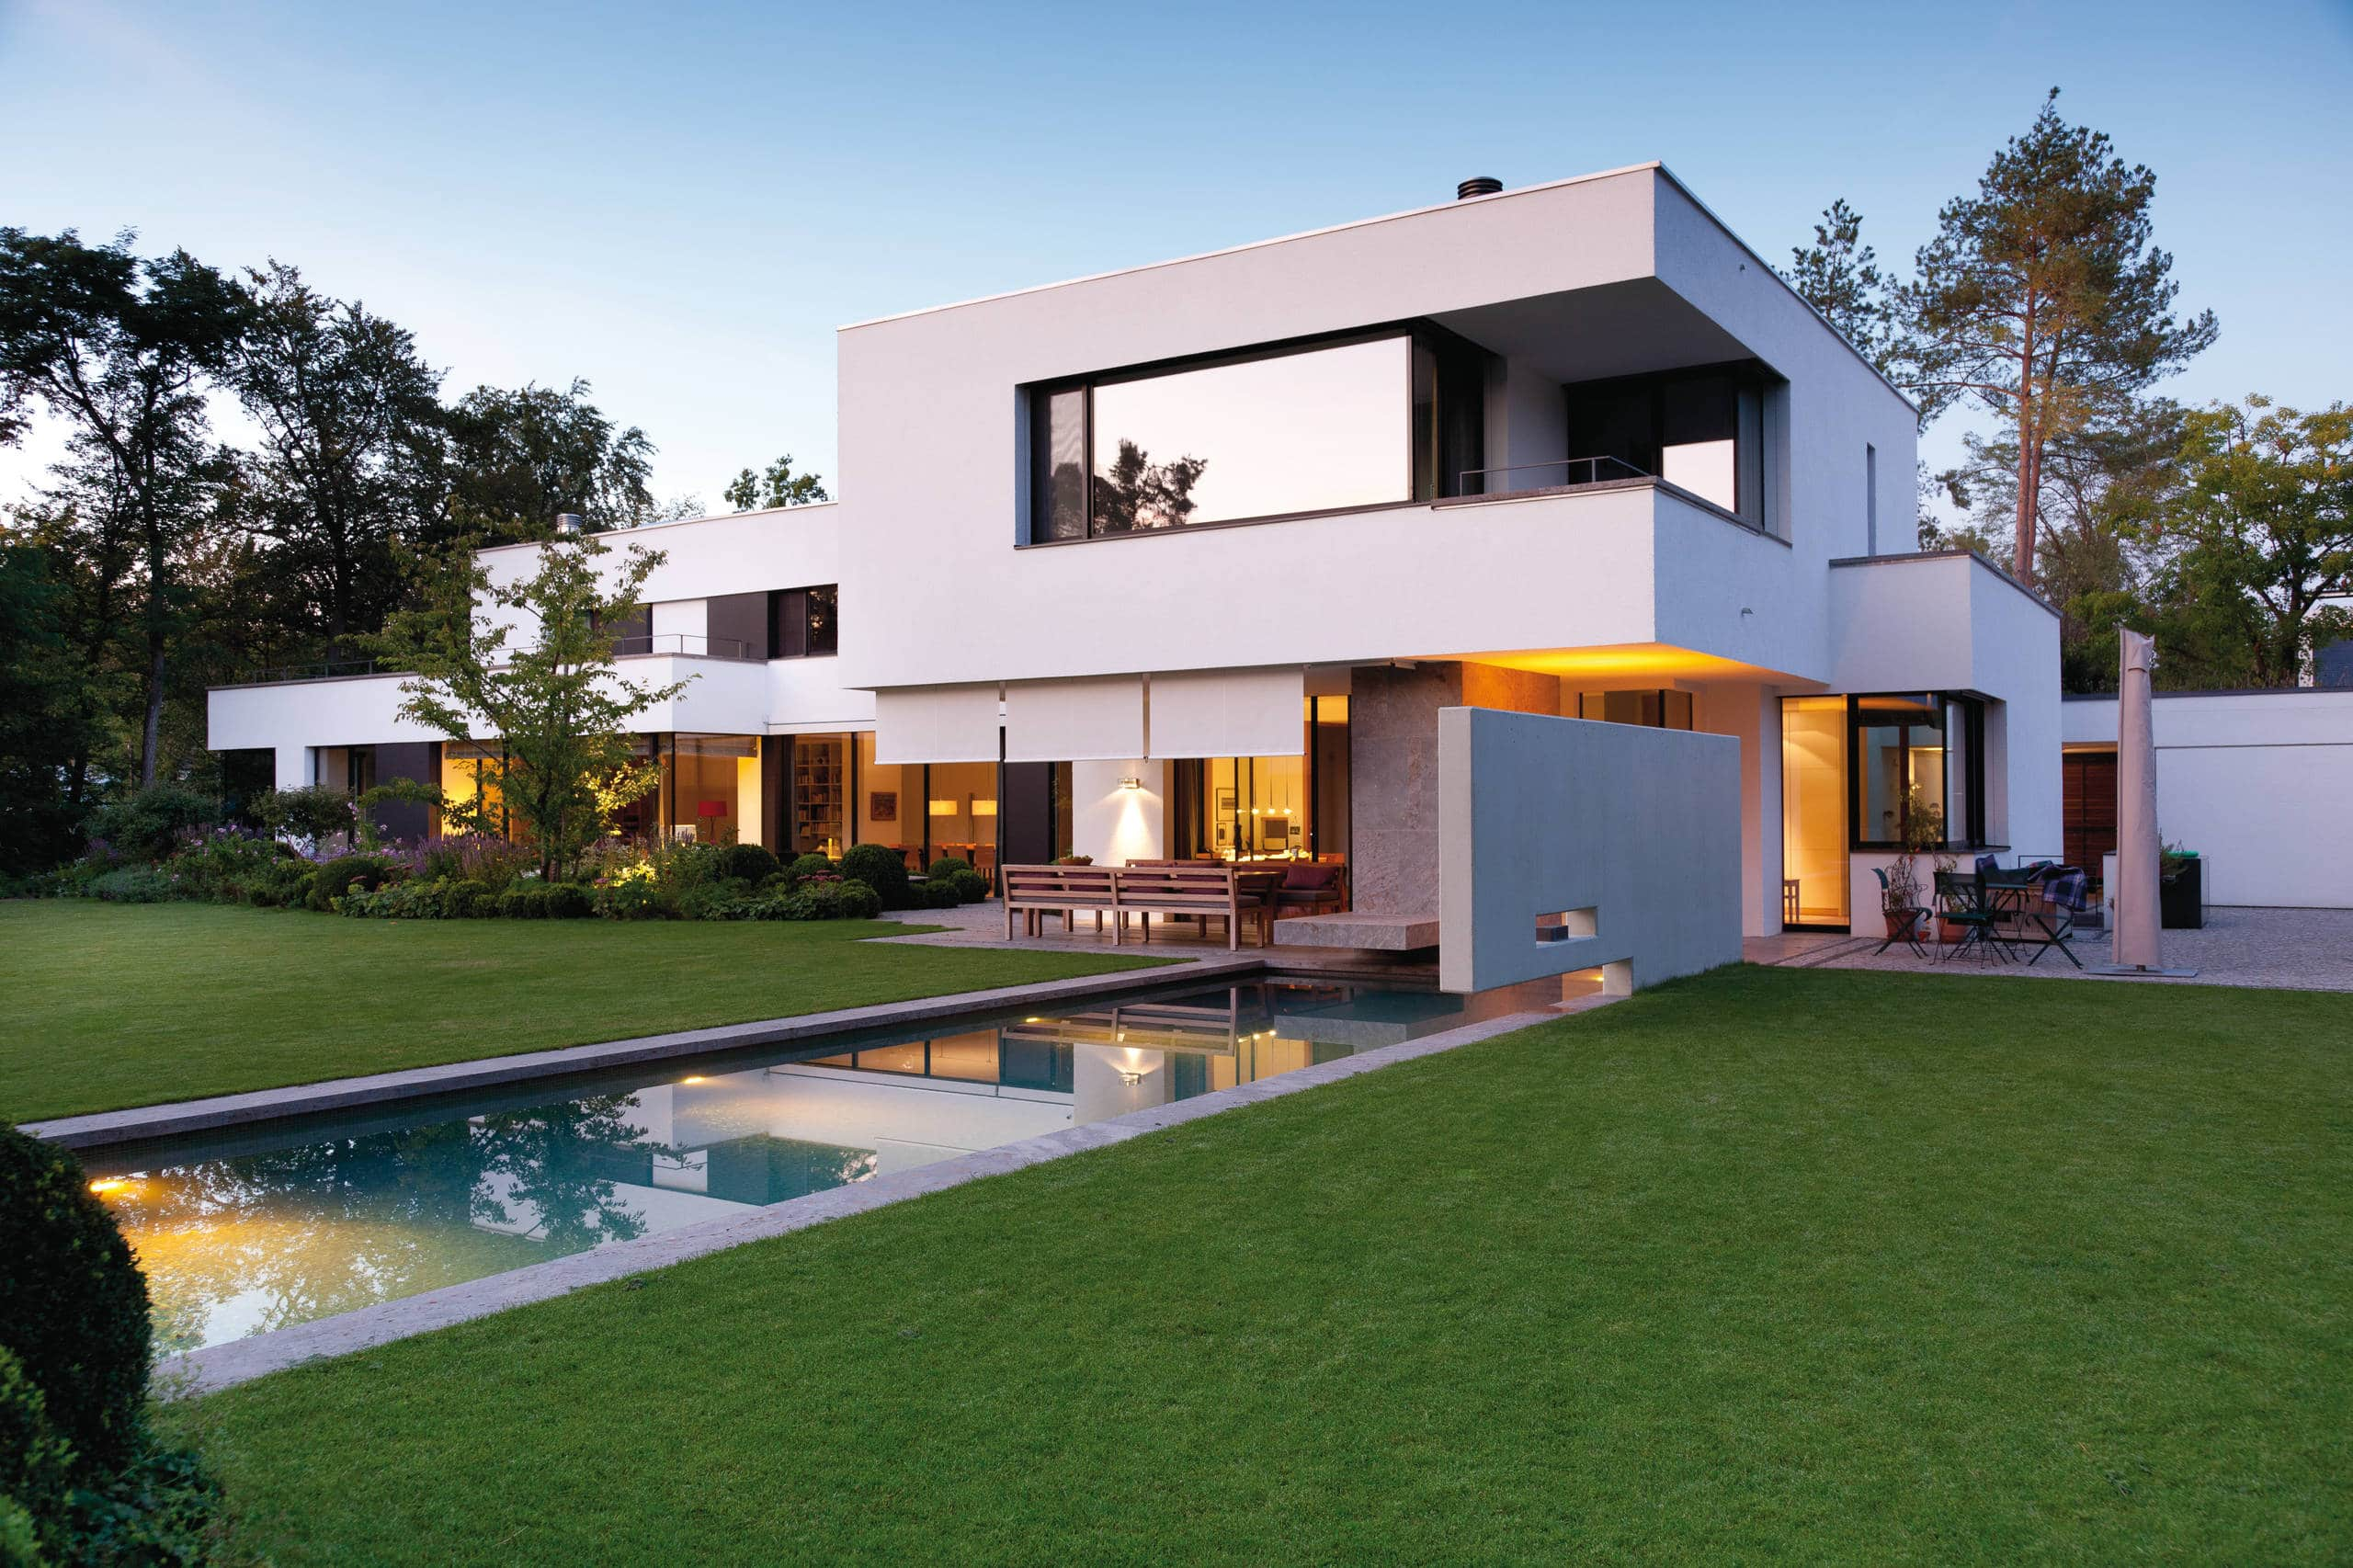 Fachadas modernas de casas de dos pisos construye hogar - Ideas para casas modernas ...